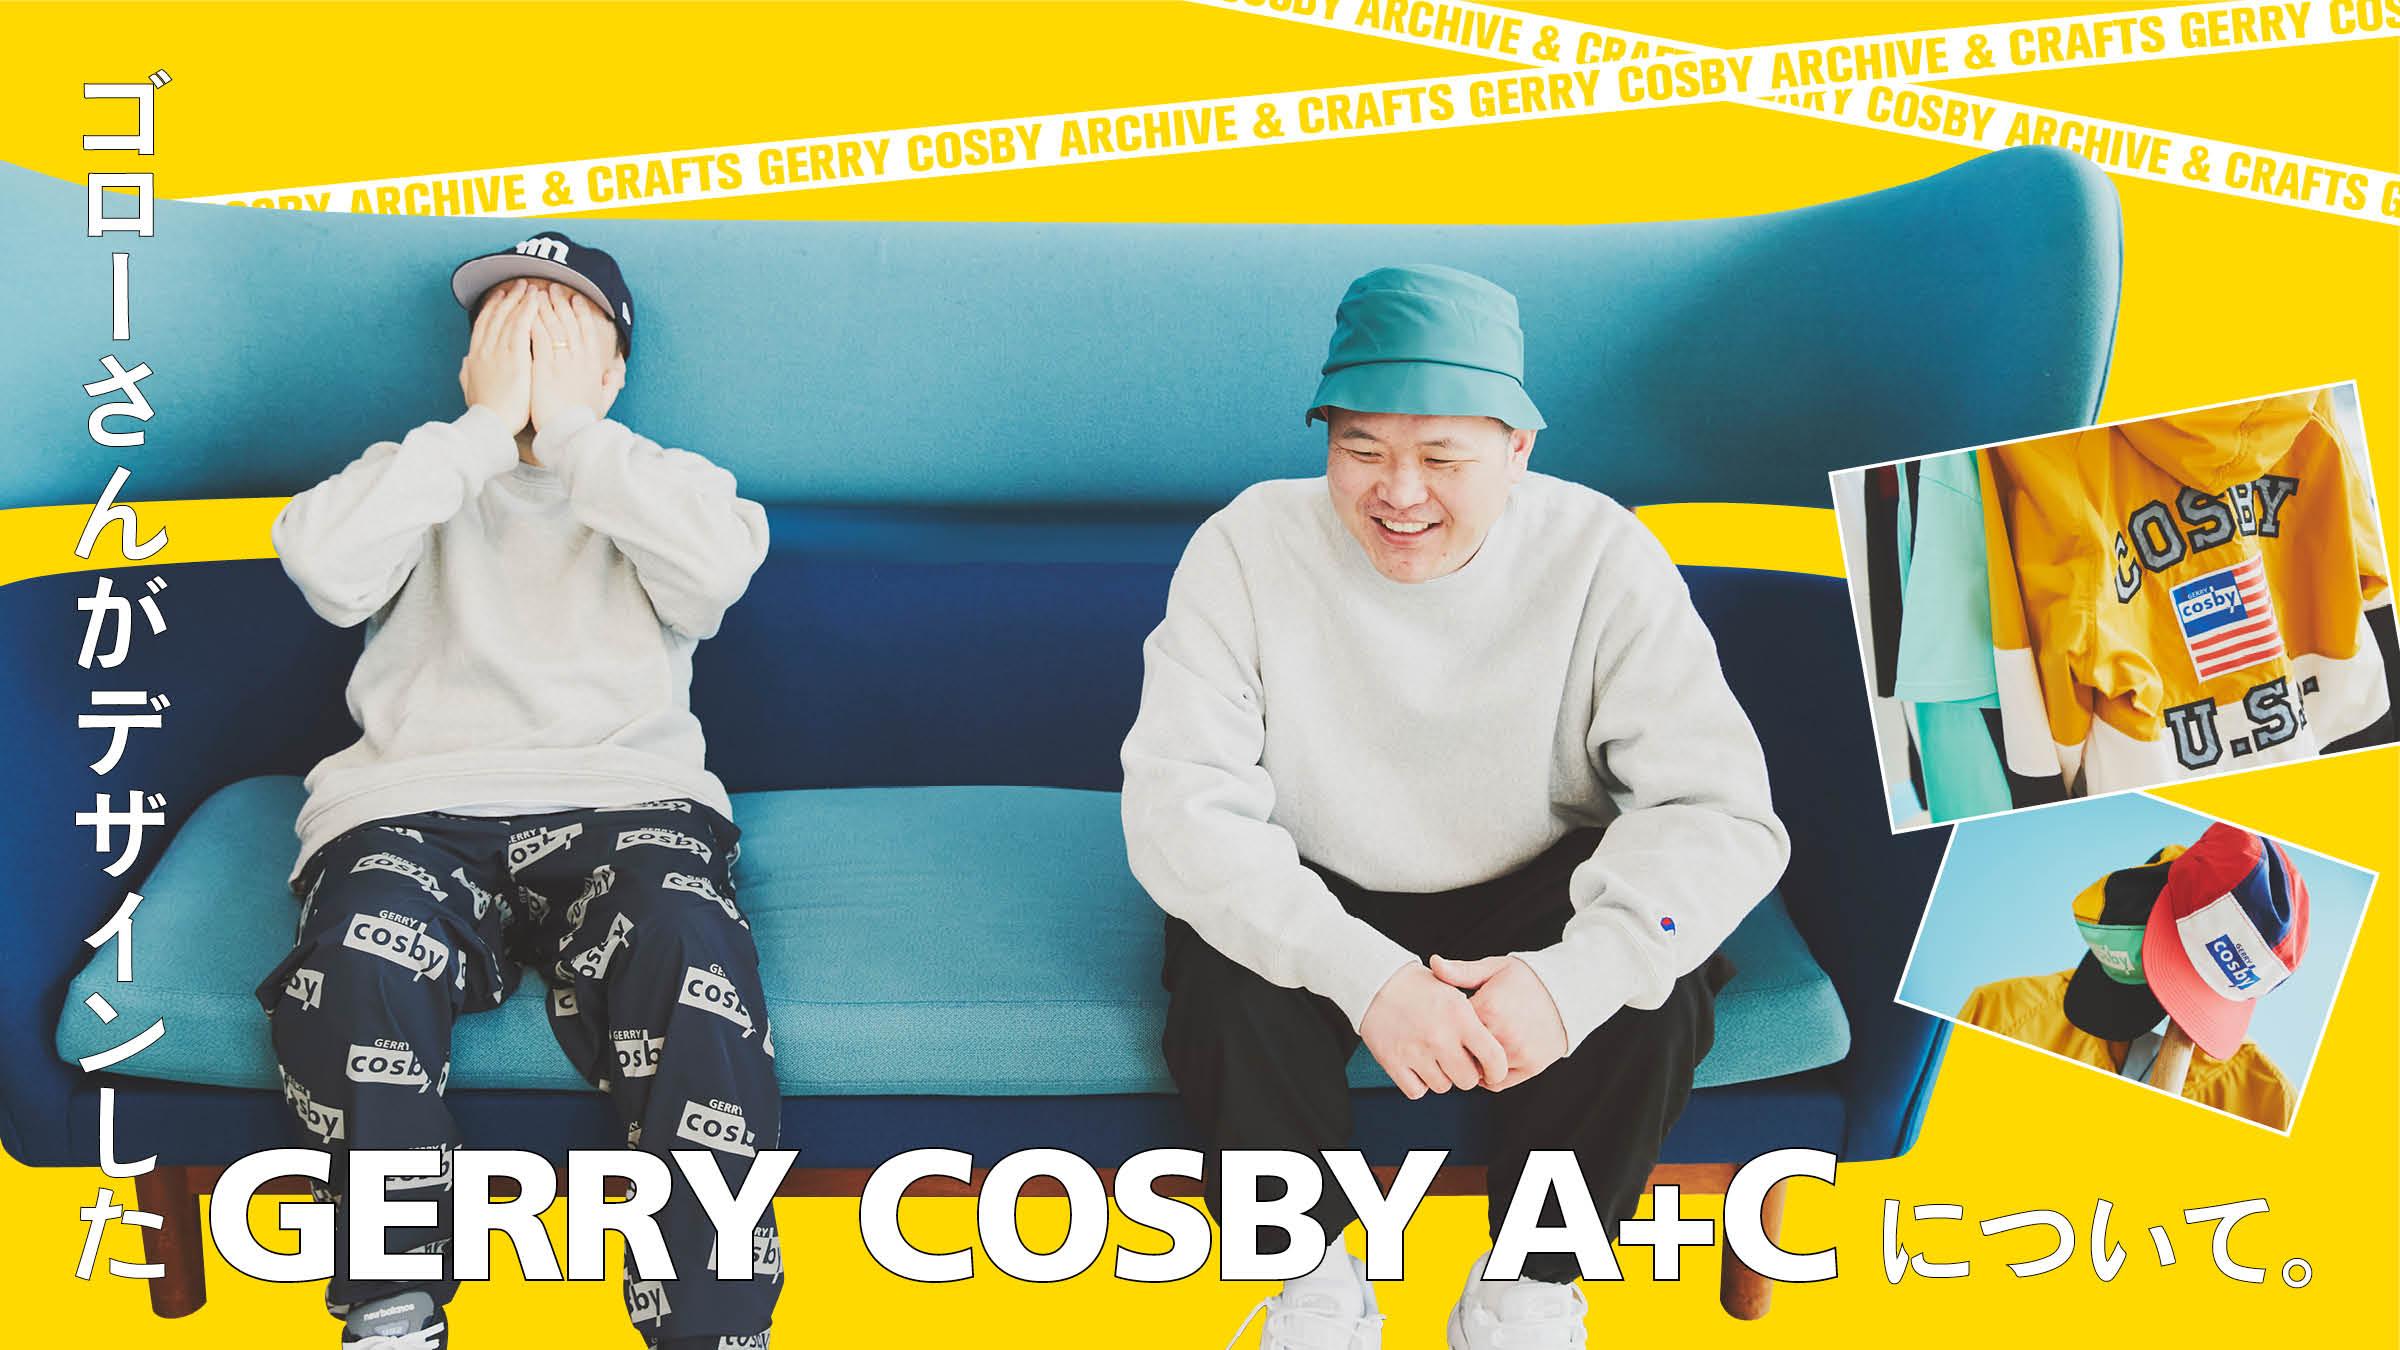 ゴローさんがデザインしたGERRY COSBY A+Cについて。